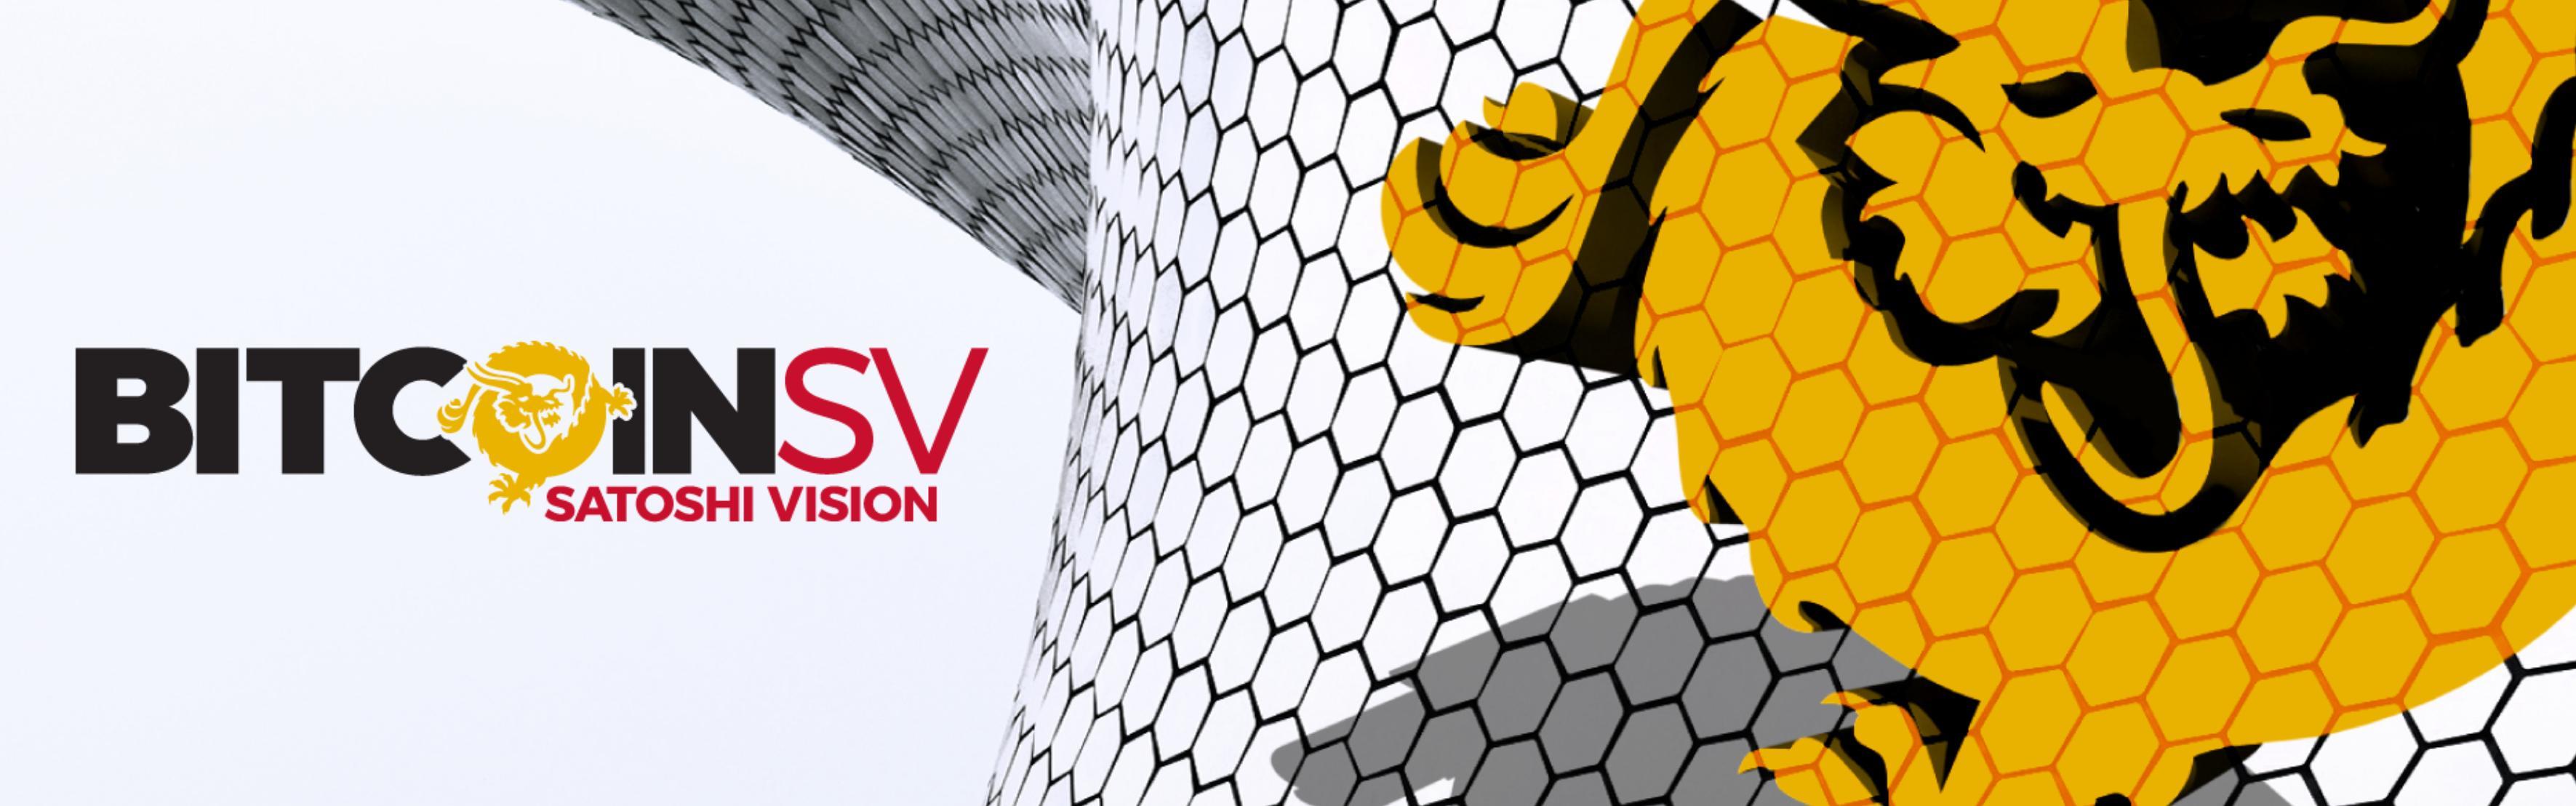 Shapeshift quer remover Bitcoin Satoshi Vision, Kraken abre consulta